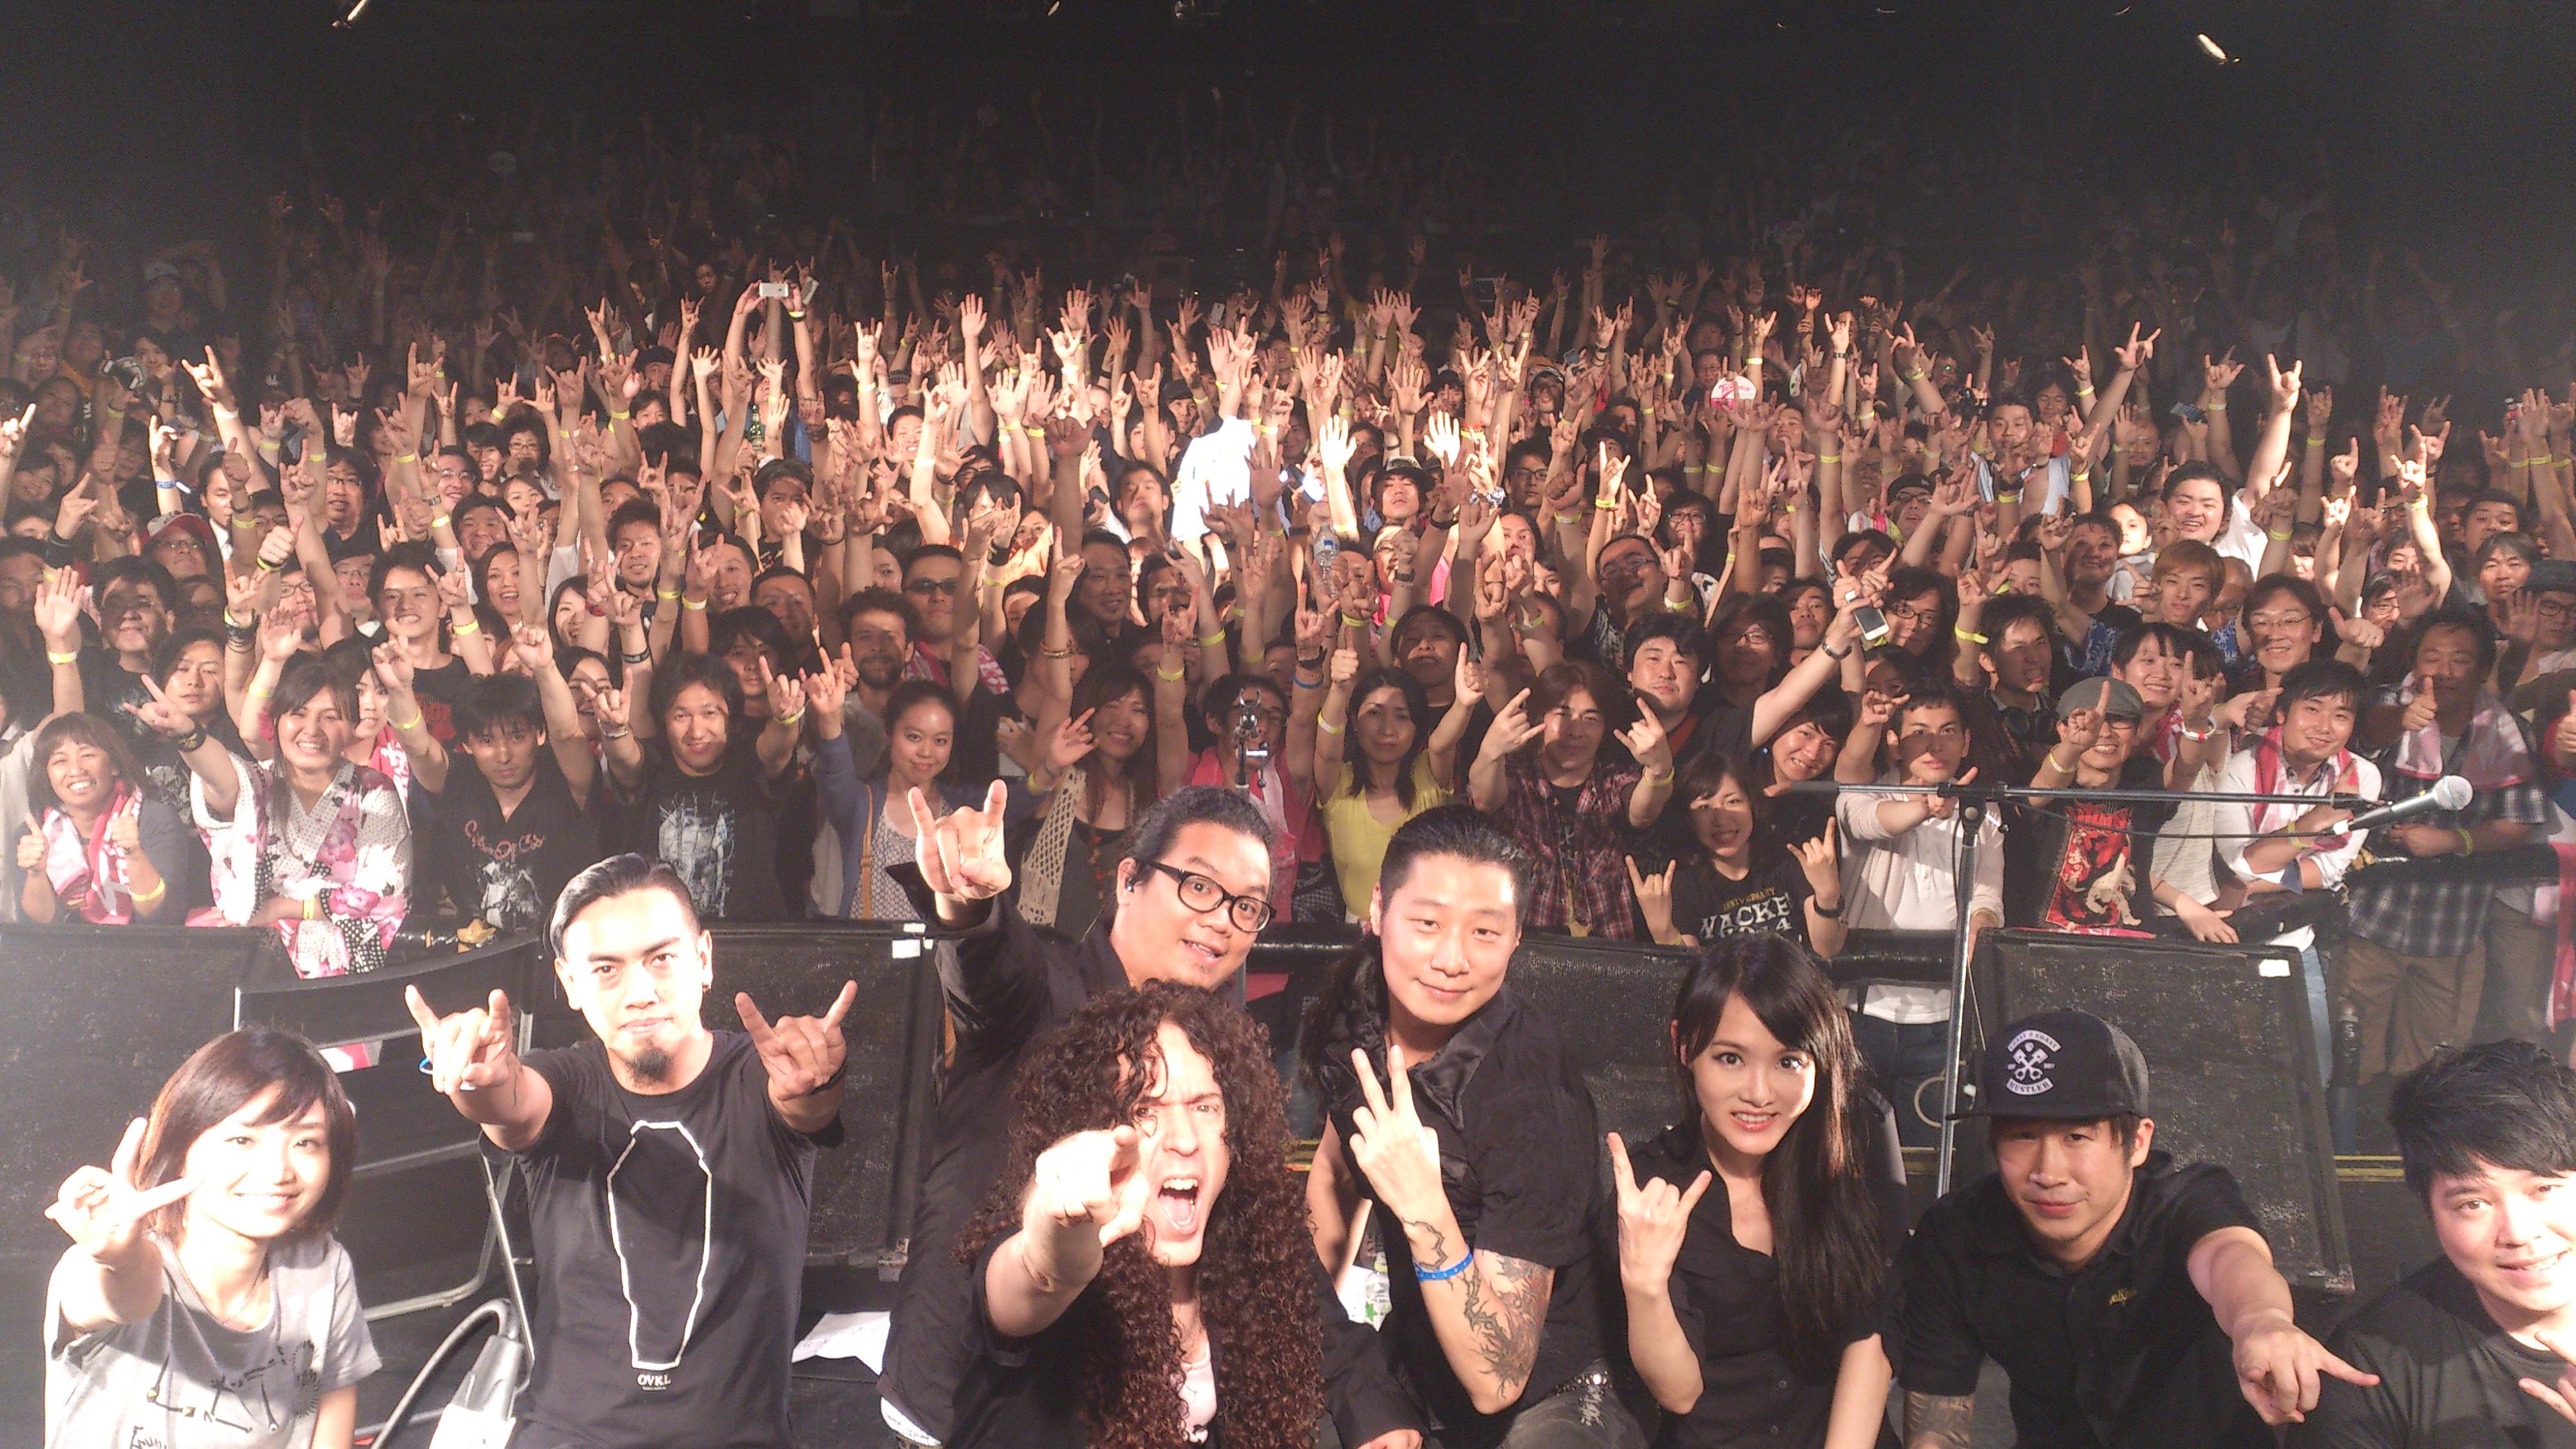 ライブ・イベント『TAIWANDERFUL(台ワンダフル)』(8月15日@東京・恵比寿リキッドルーム)